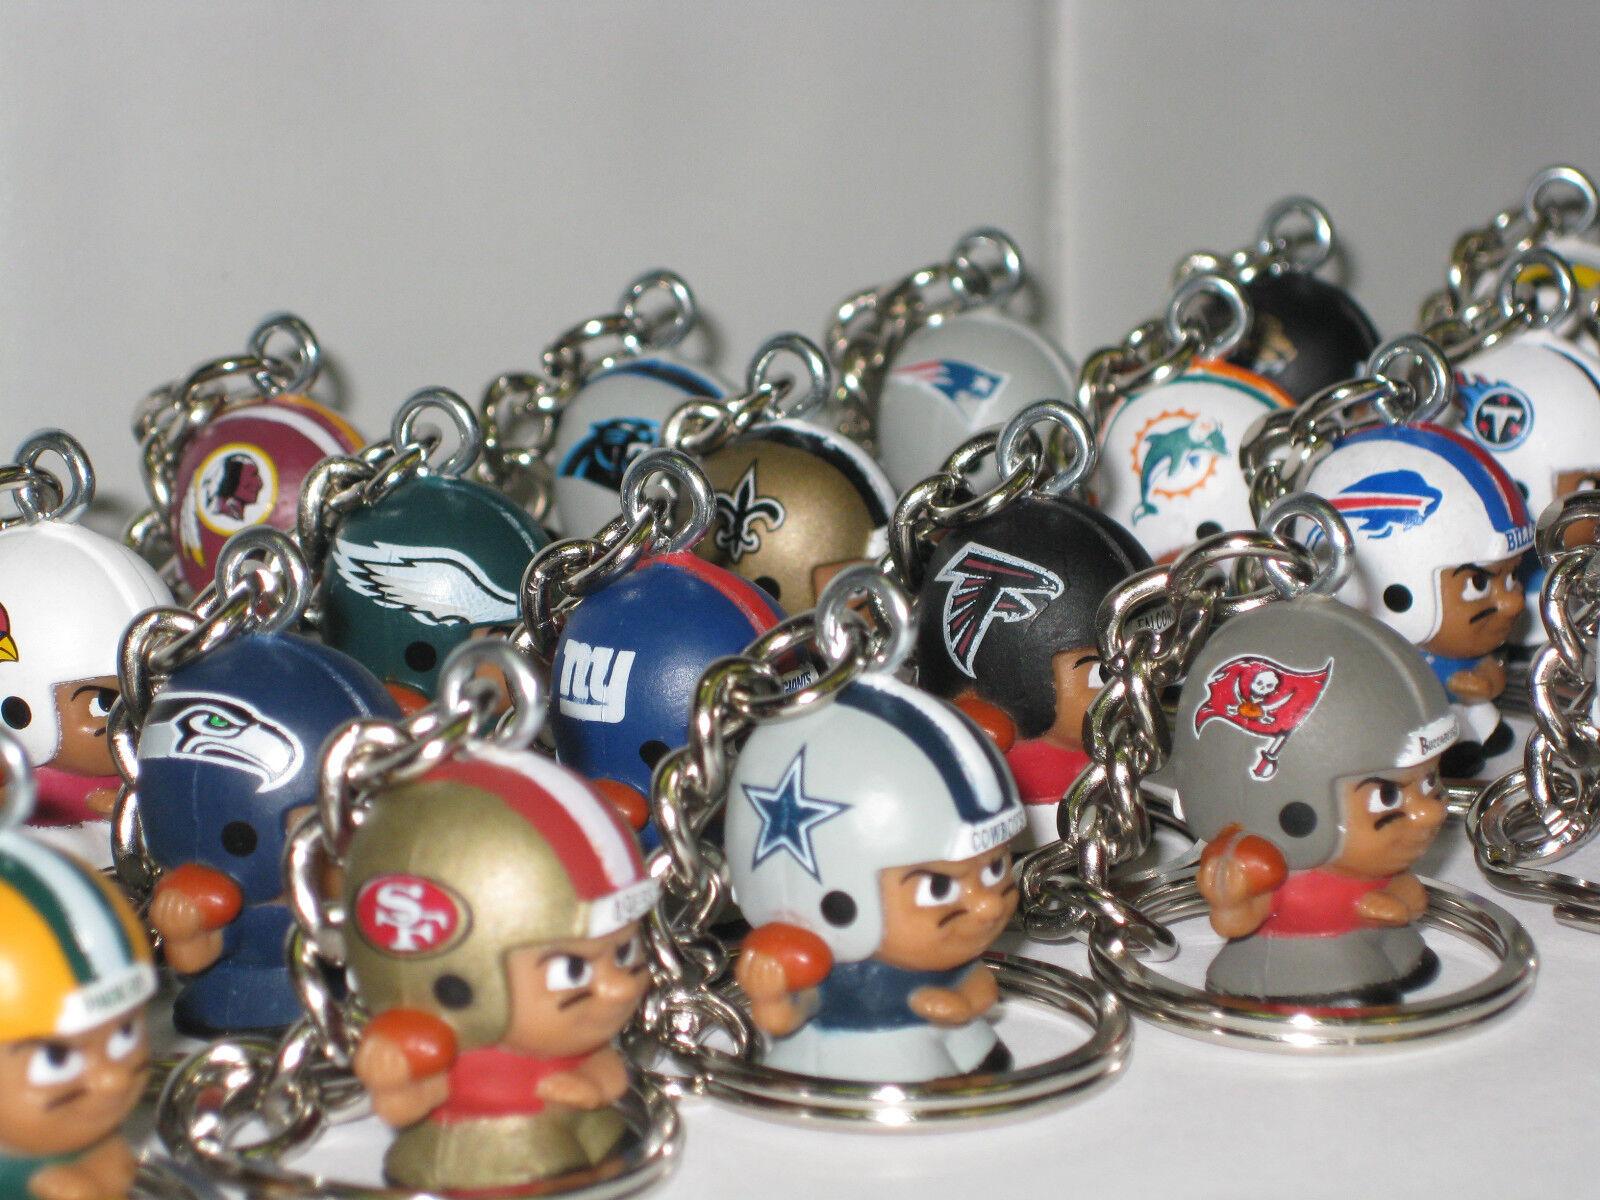 La NFL teenyhates revendió la cadena crítica de 32 equipos de la NFL al por mayor.